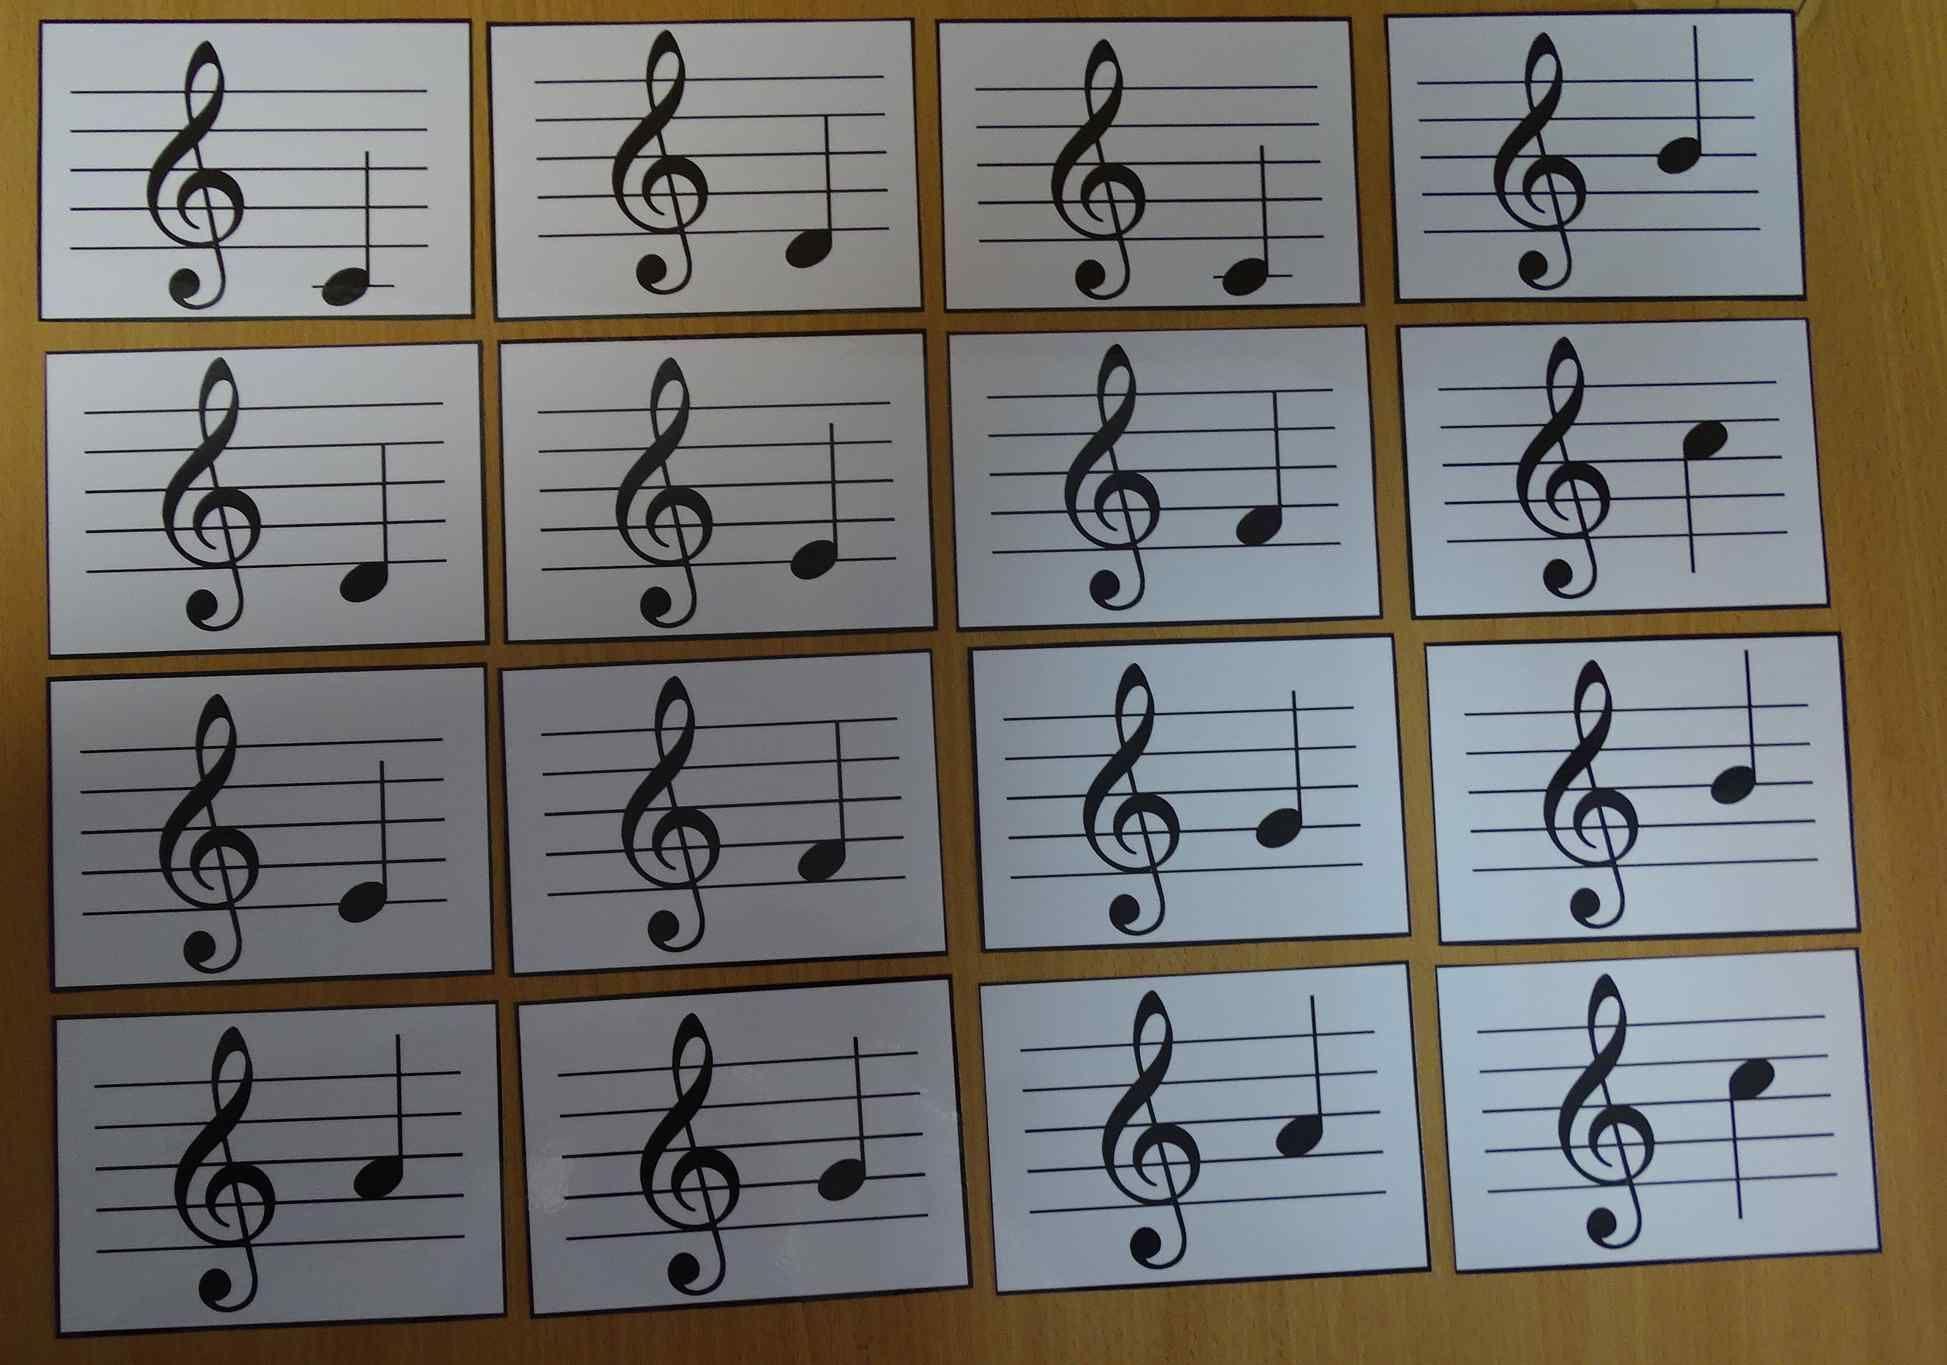 Muzyczne memory - nauka nut przez zabawę